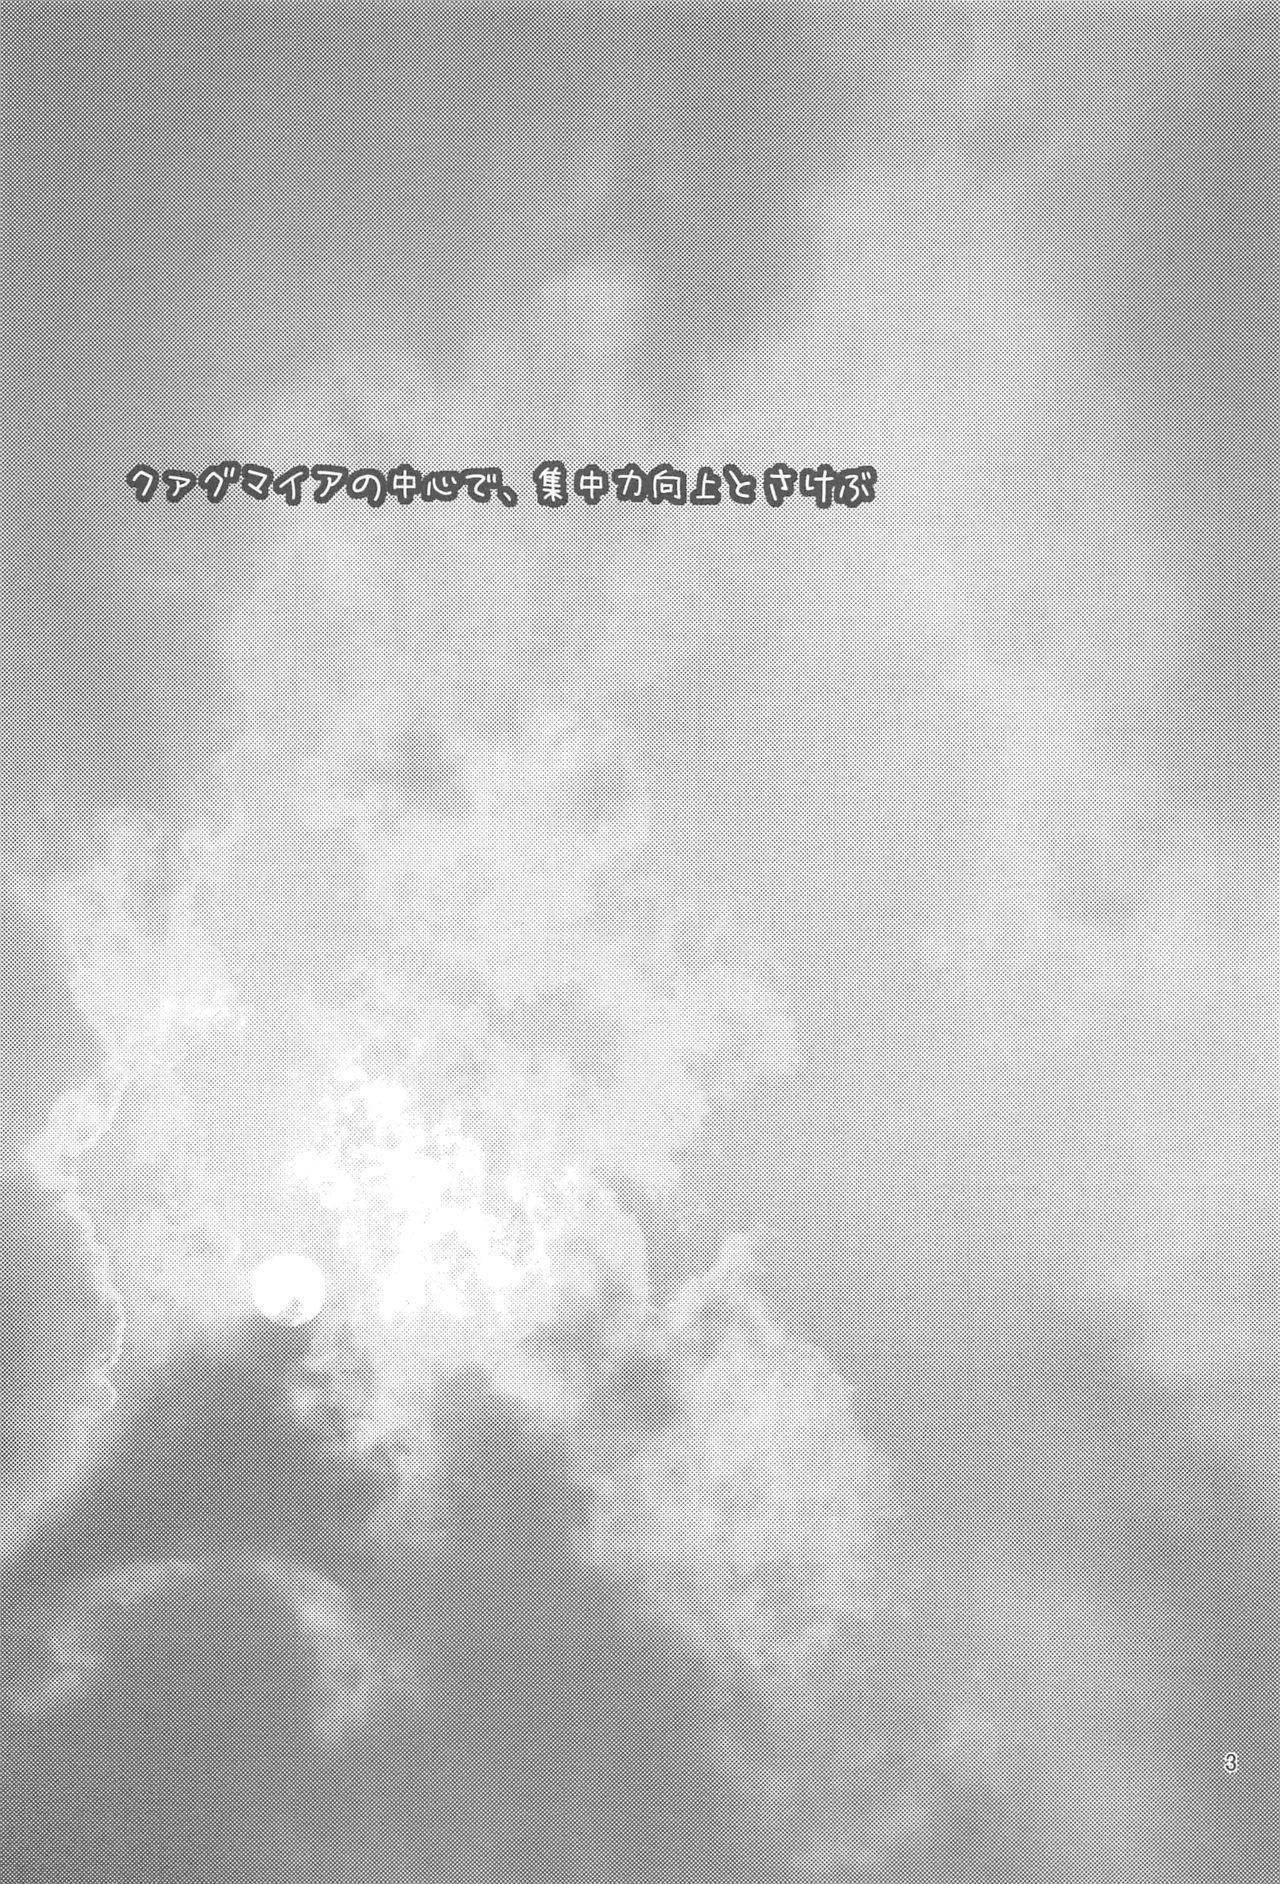 Quagmire no Chuushin de, Shuuchuuryoku Koujou to Sakebu 1